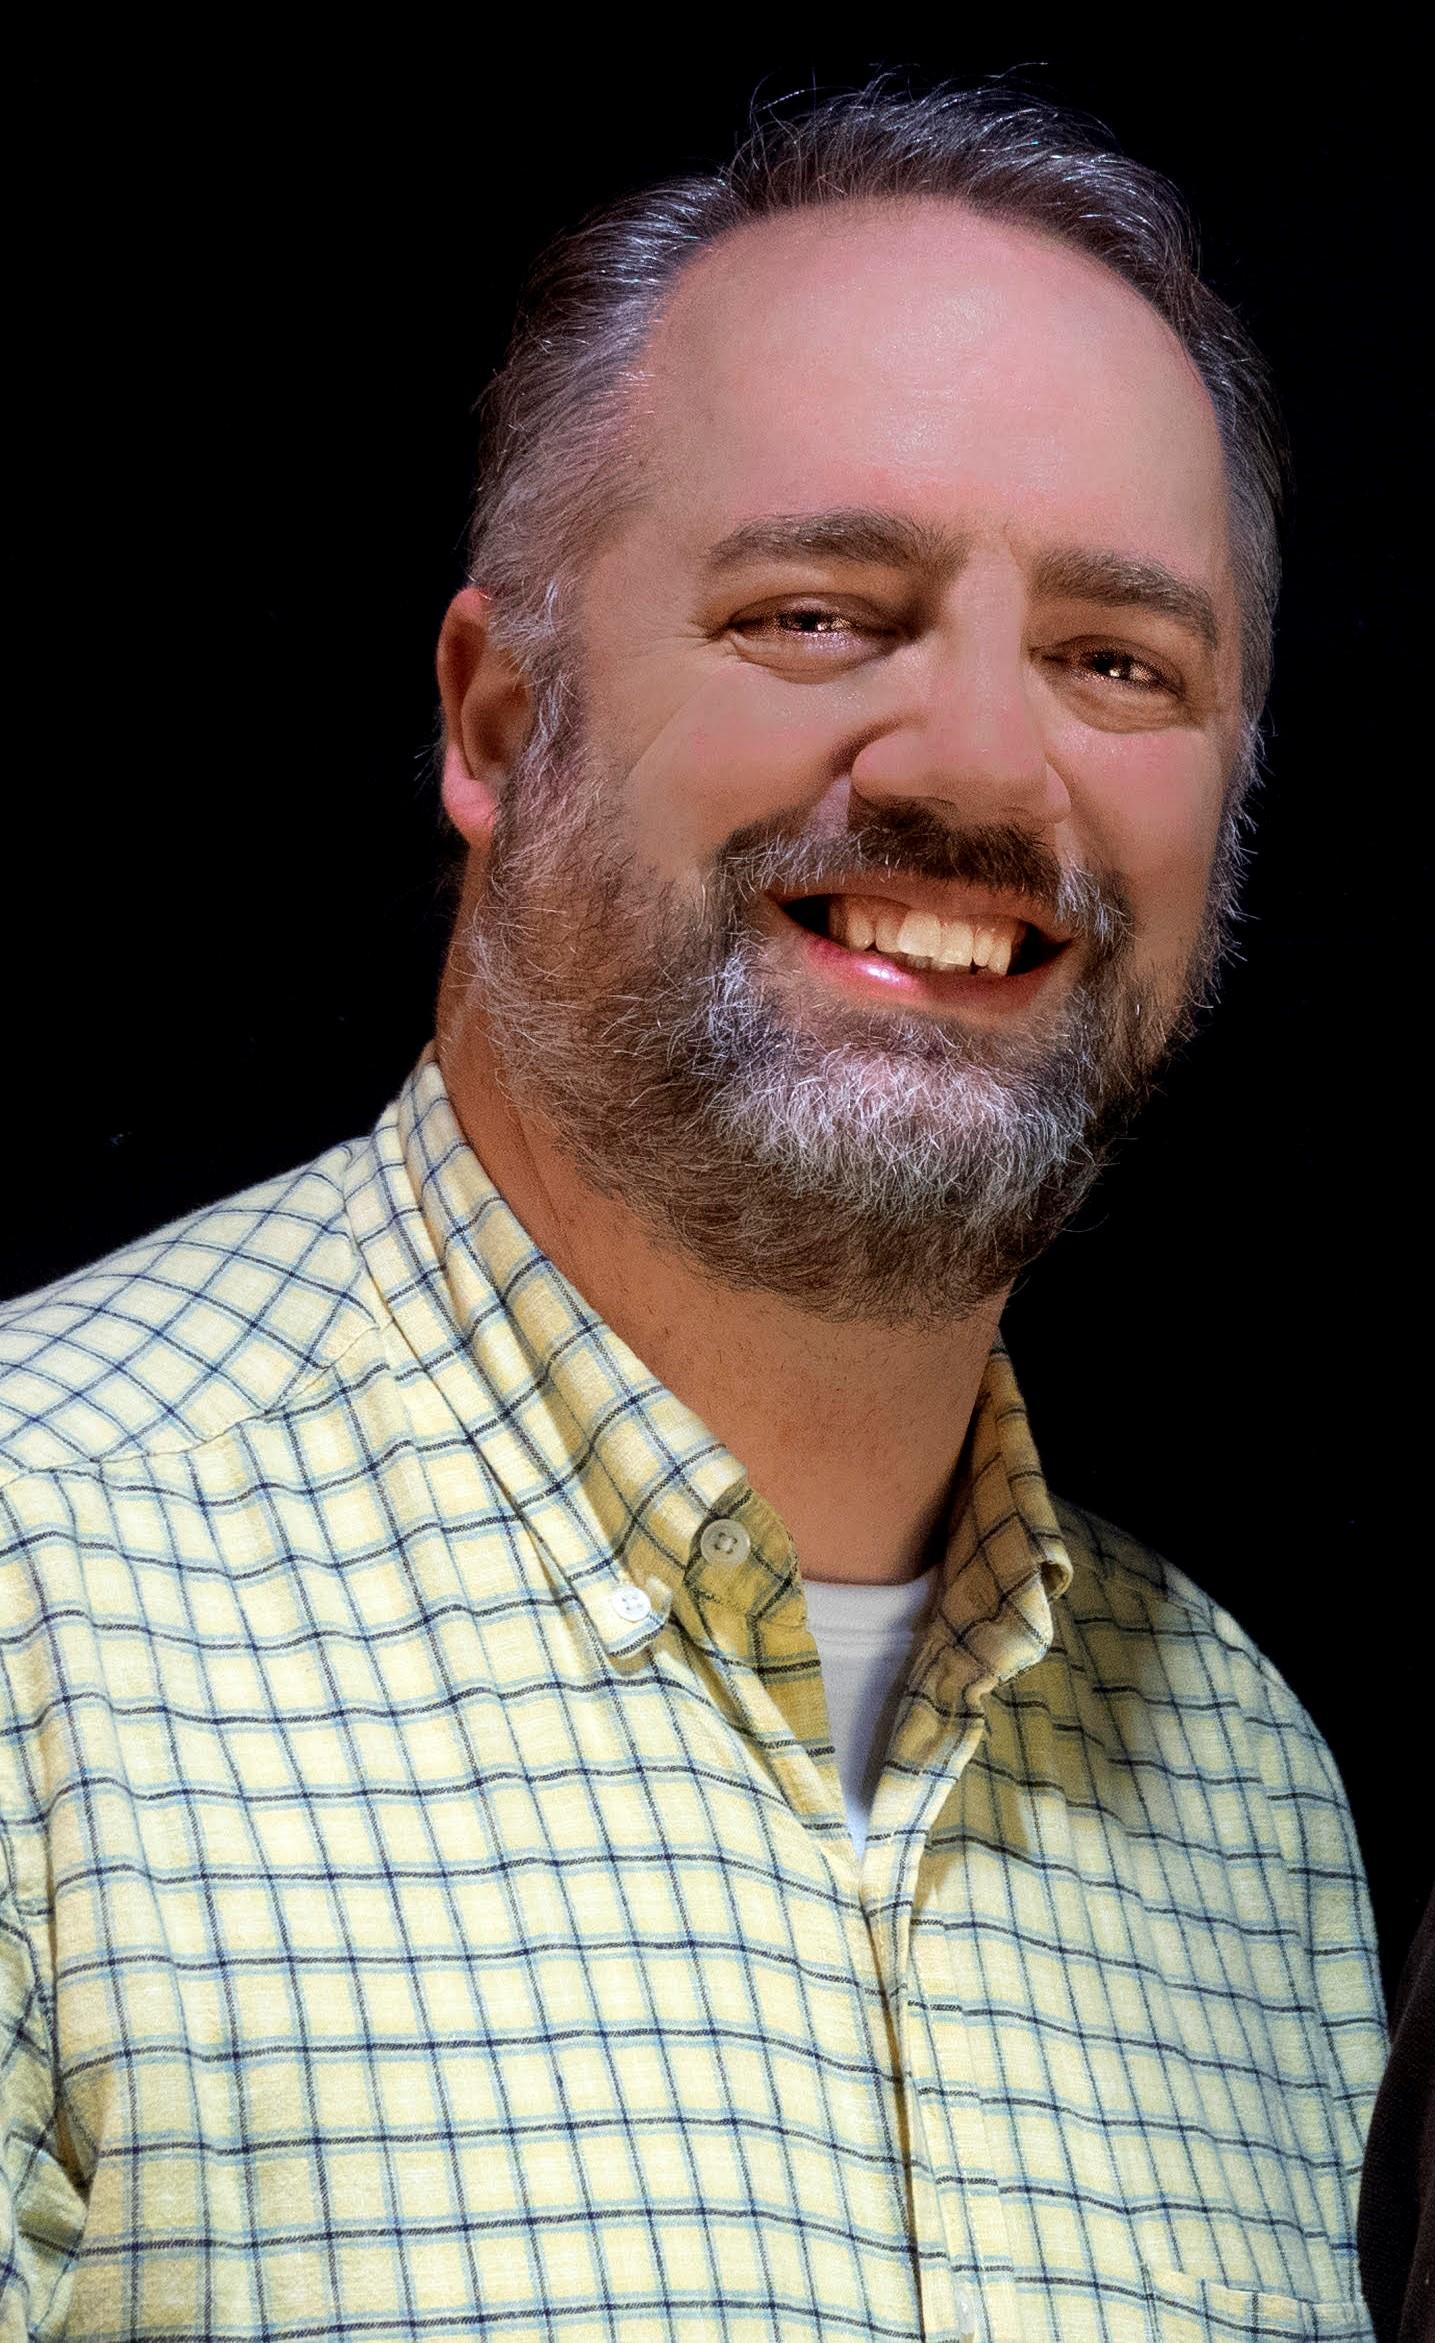 Meet G.W. from 'Sordid Lives': Joel Perkin